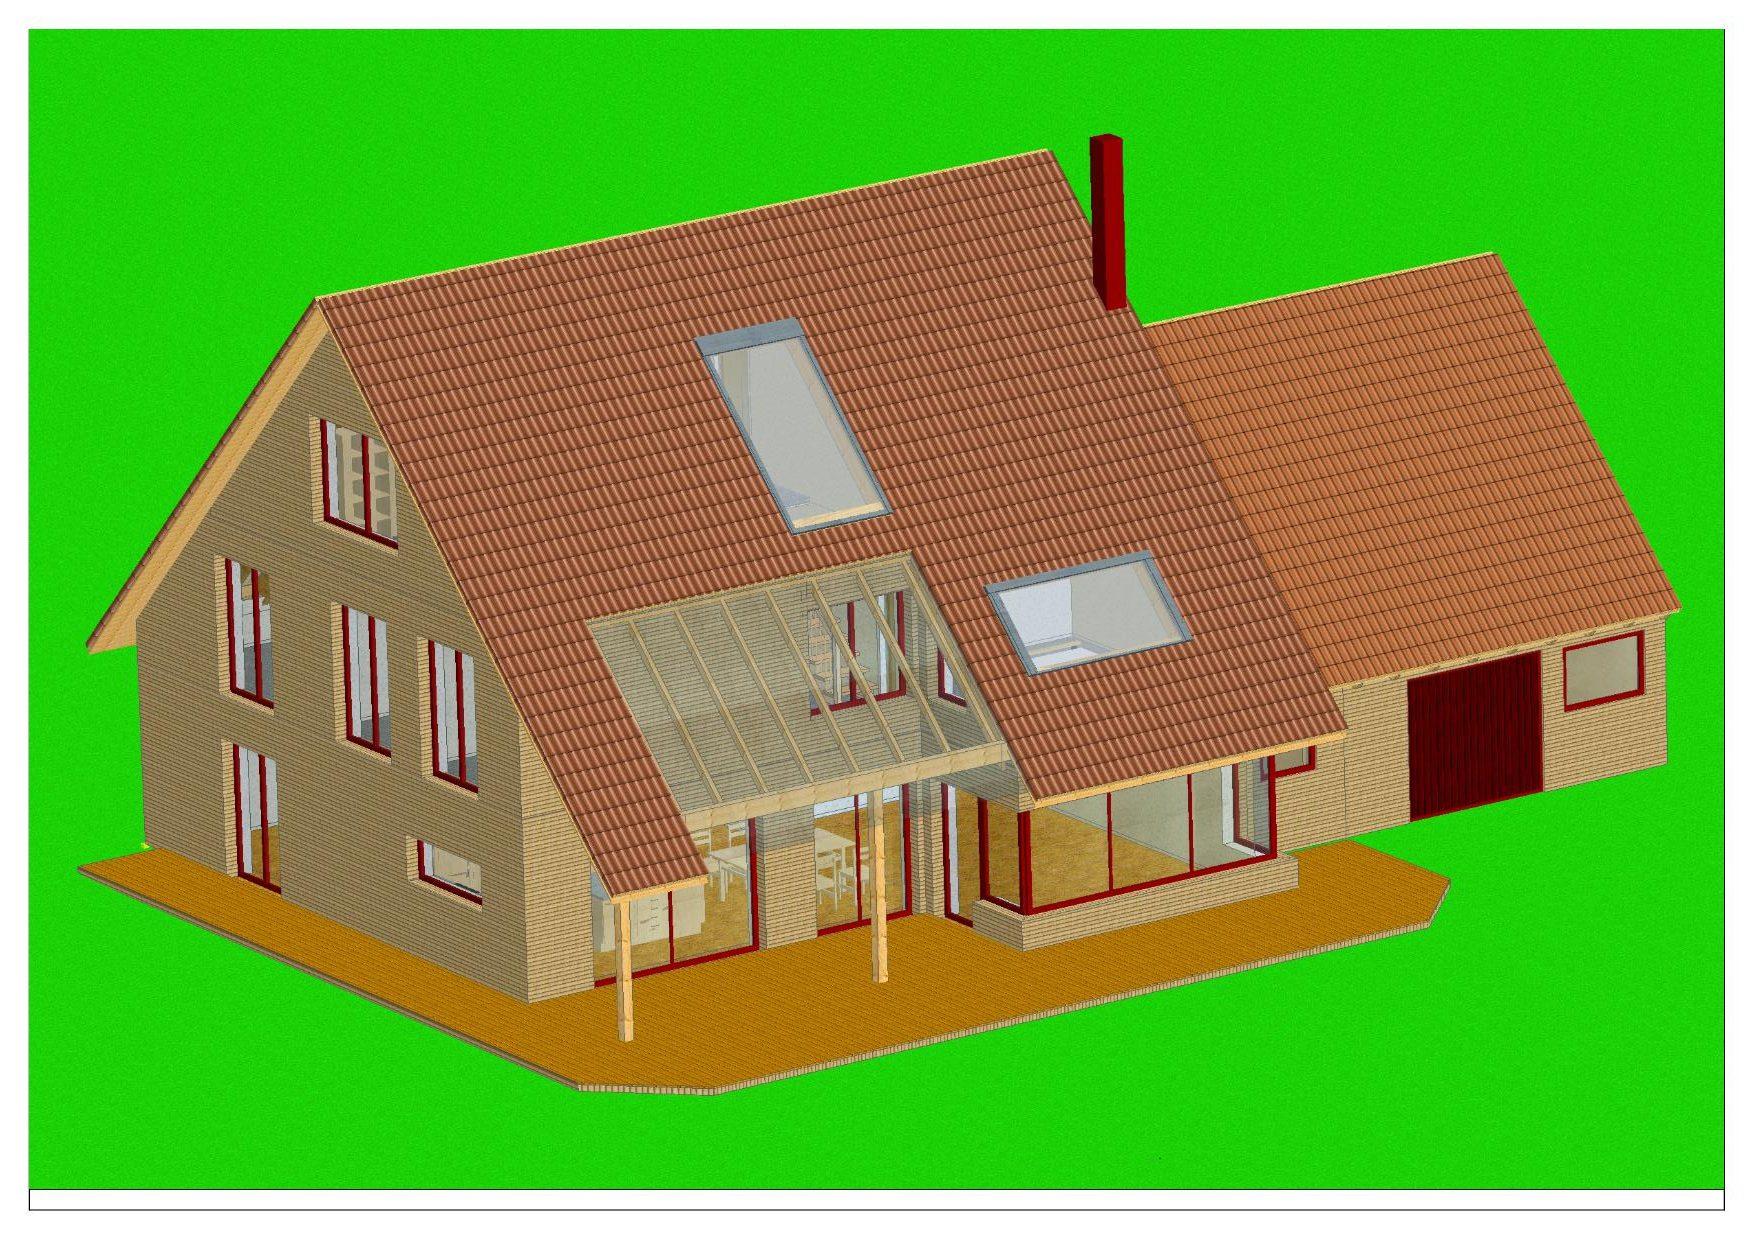 Link zum Planungsdetail 3D